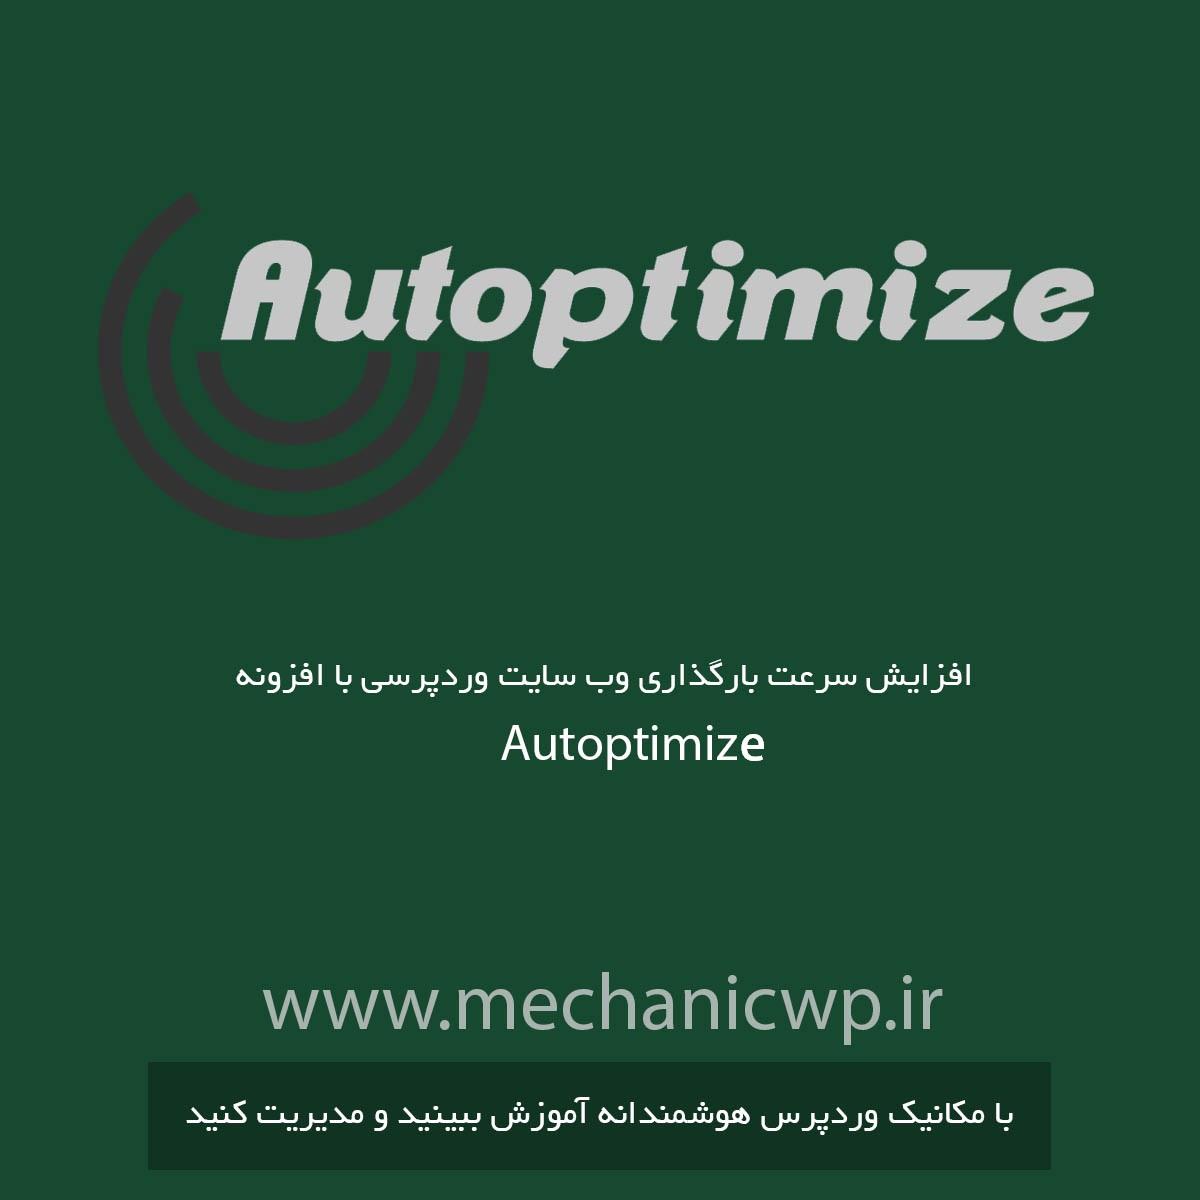 افزایش سرعت وردپرس با افزونه Autoptimize